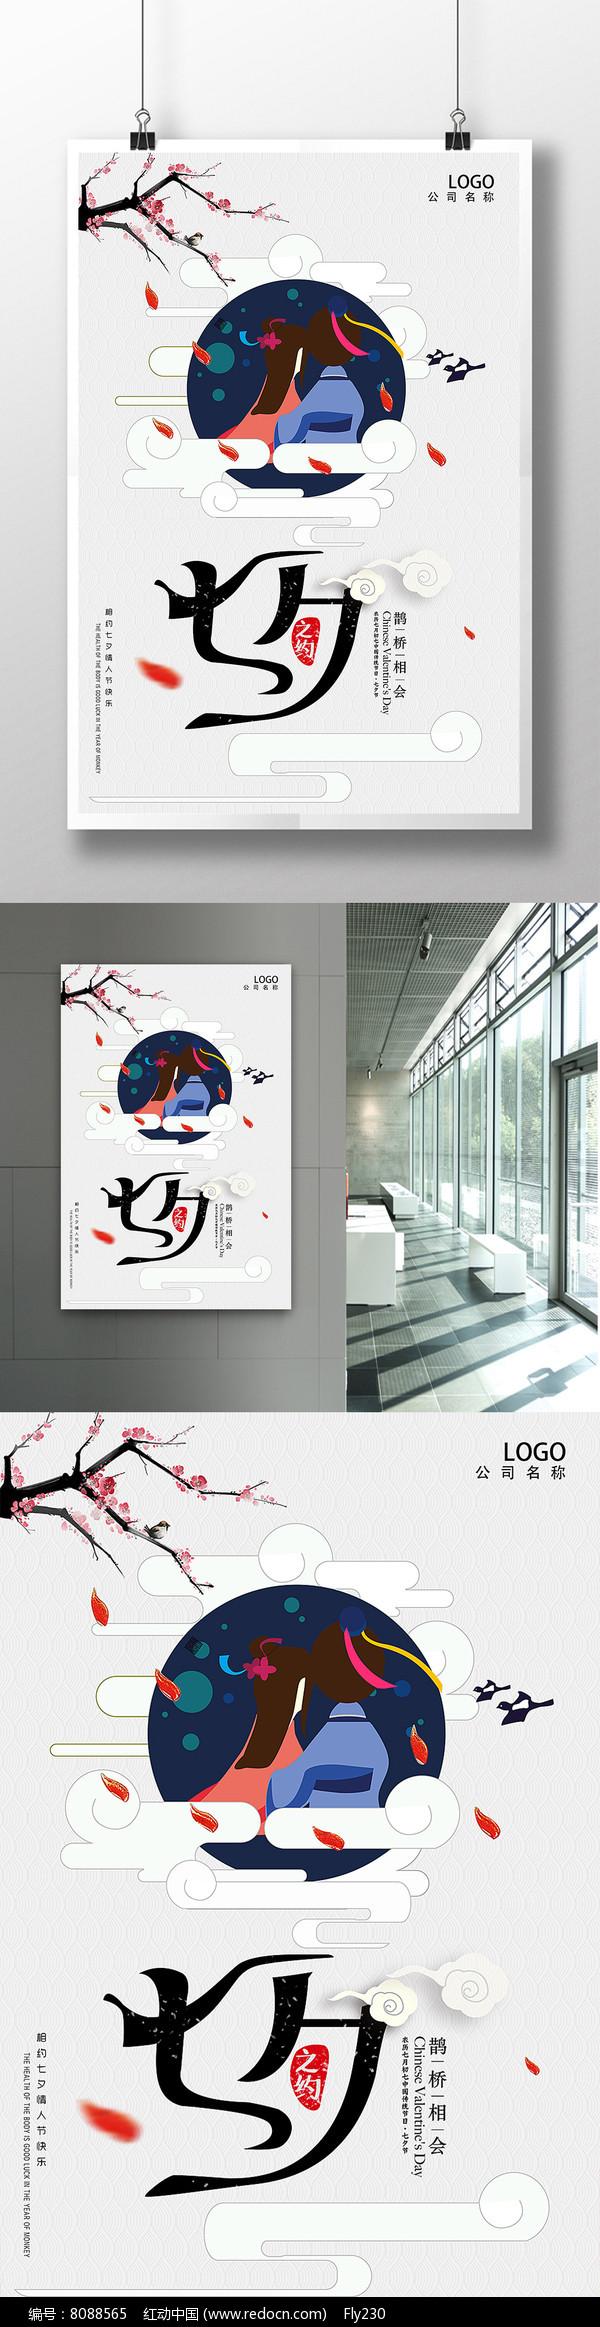 七夕手绘宣传海报图片